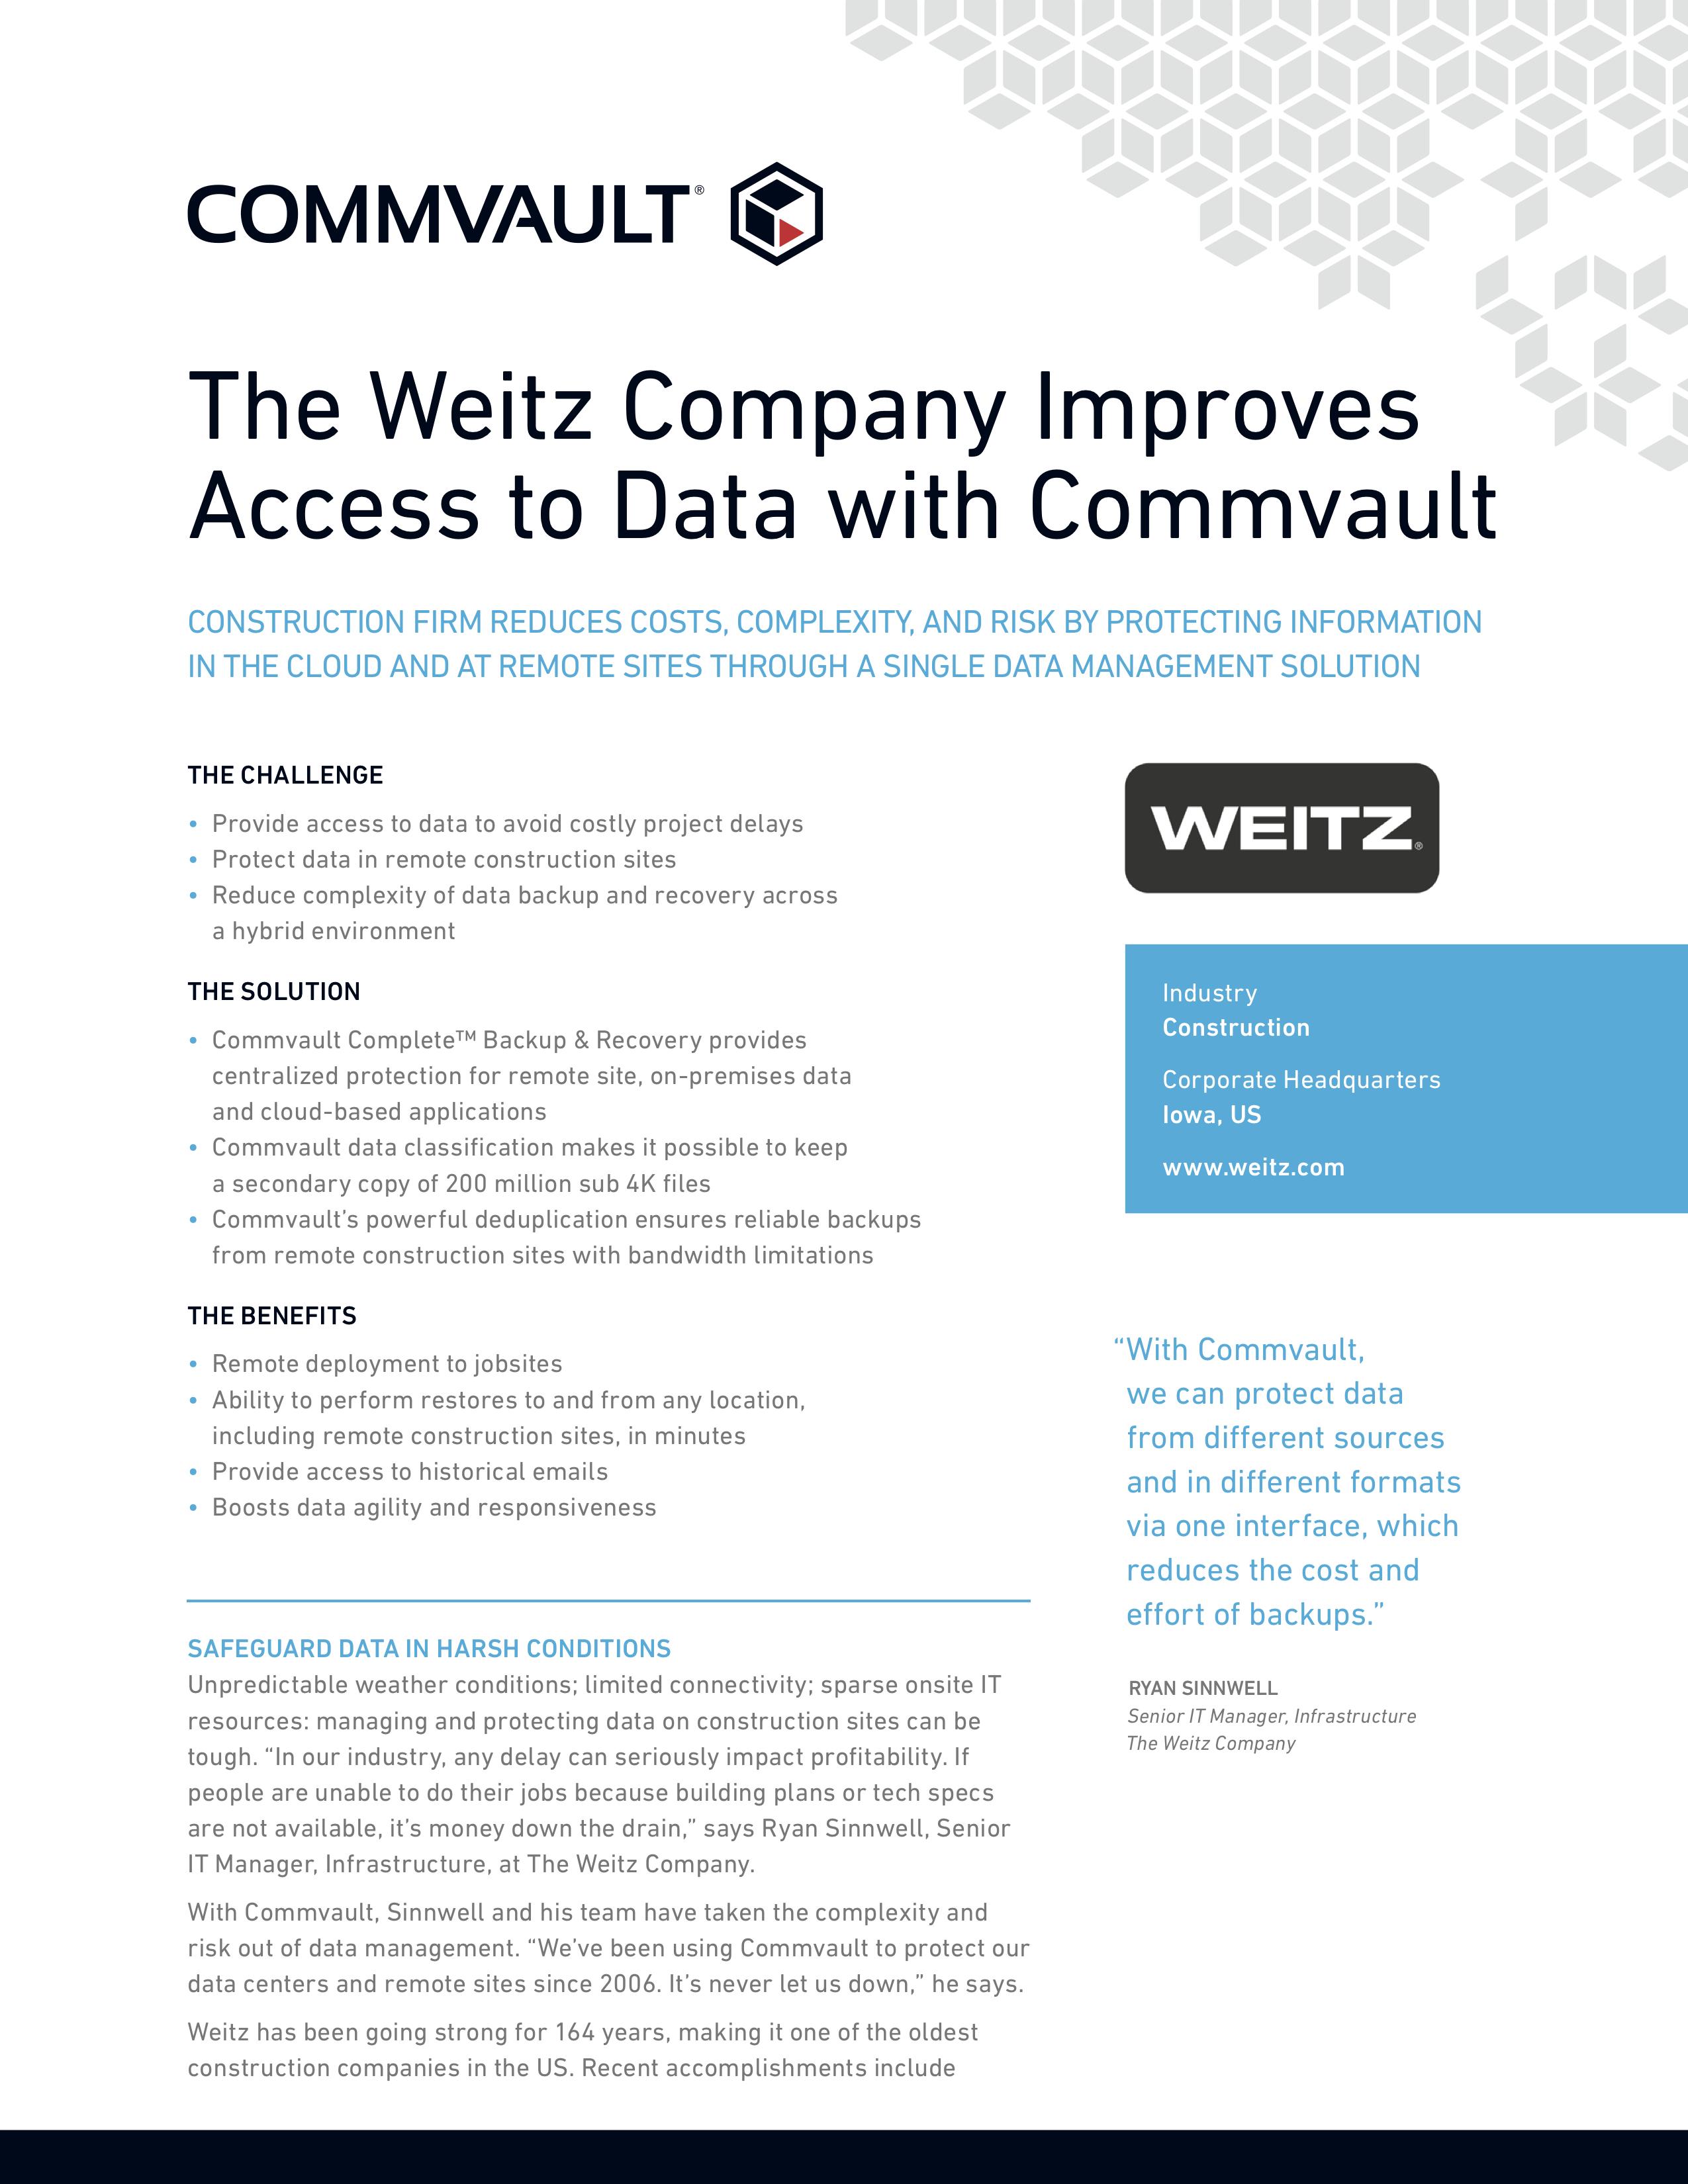 Weitz case study